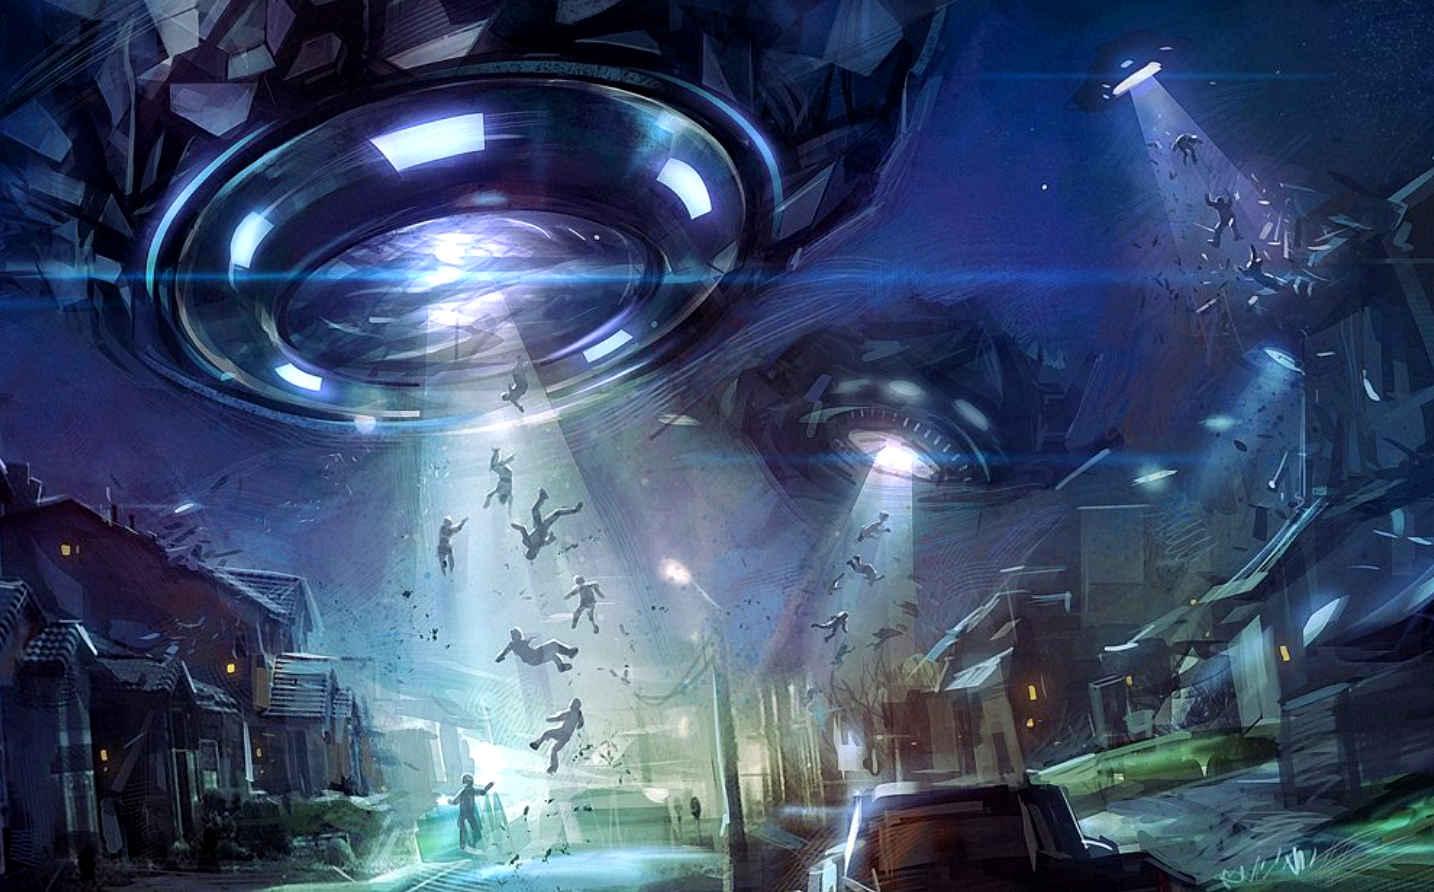 Enquête : Des preuves solides d'enlèvements (abductions) par des extraterrestres